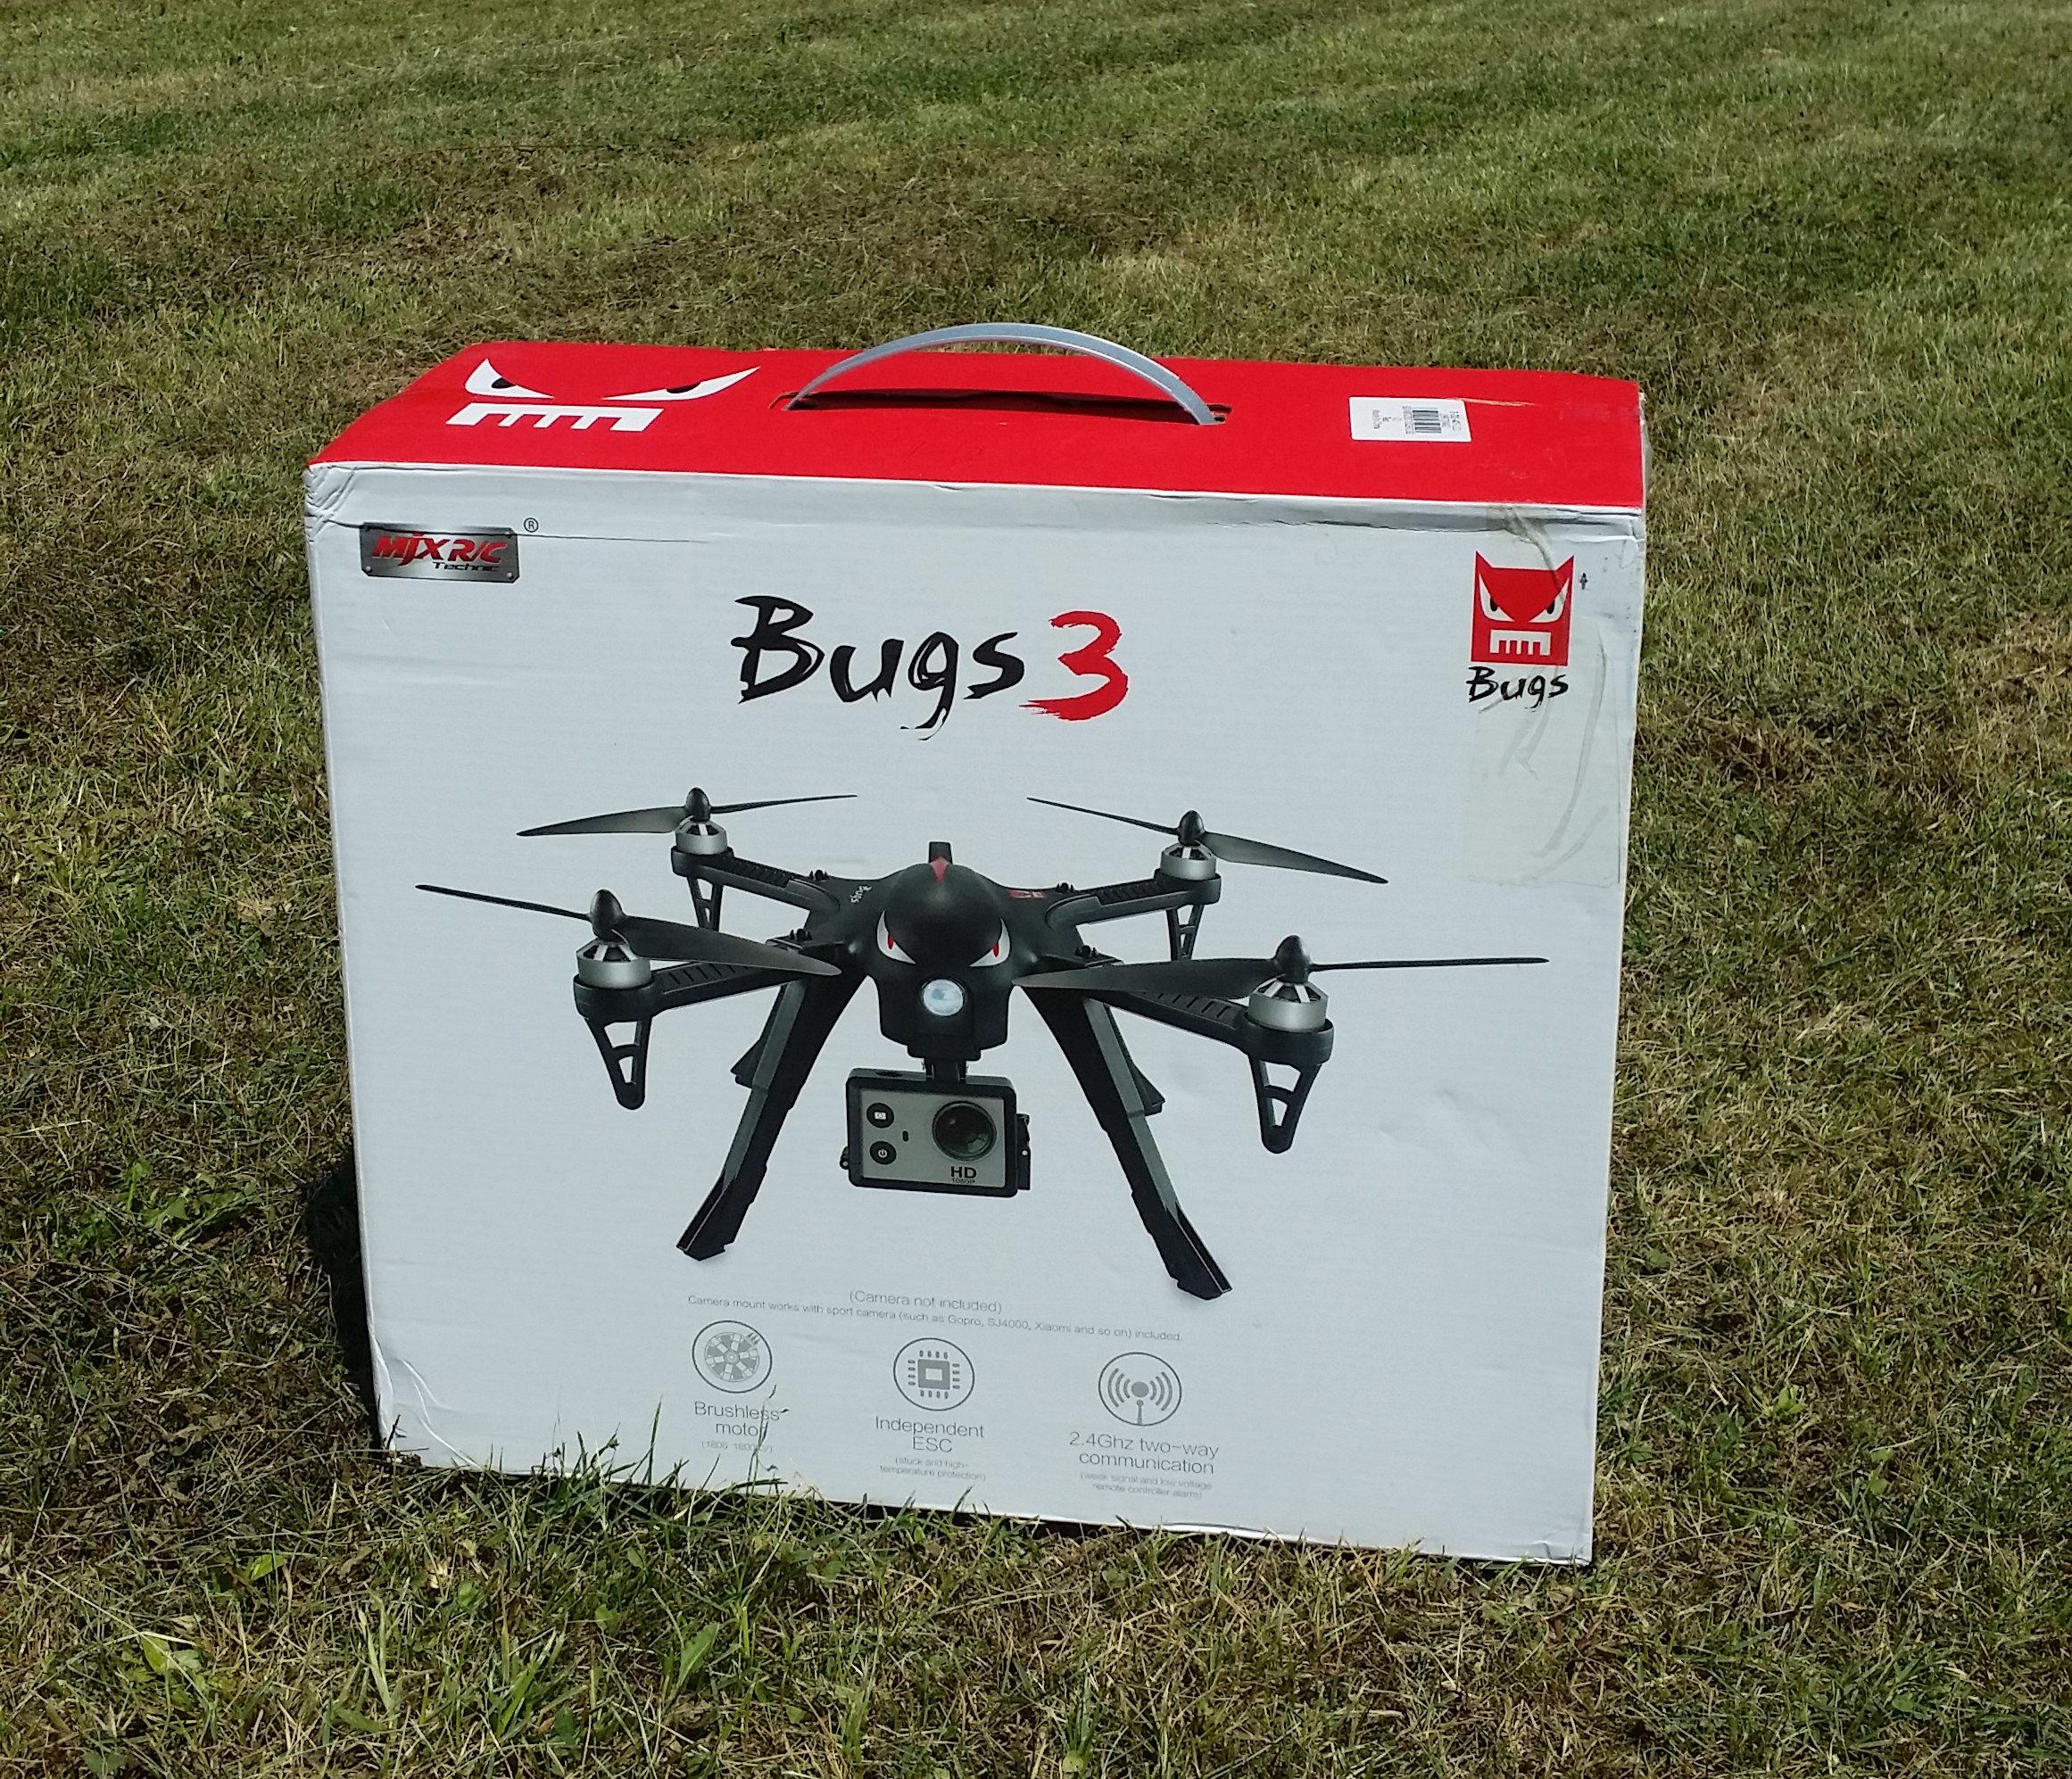 mjx-bugs-3-dron-teszt-20180804_130811